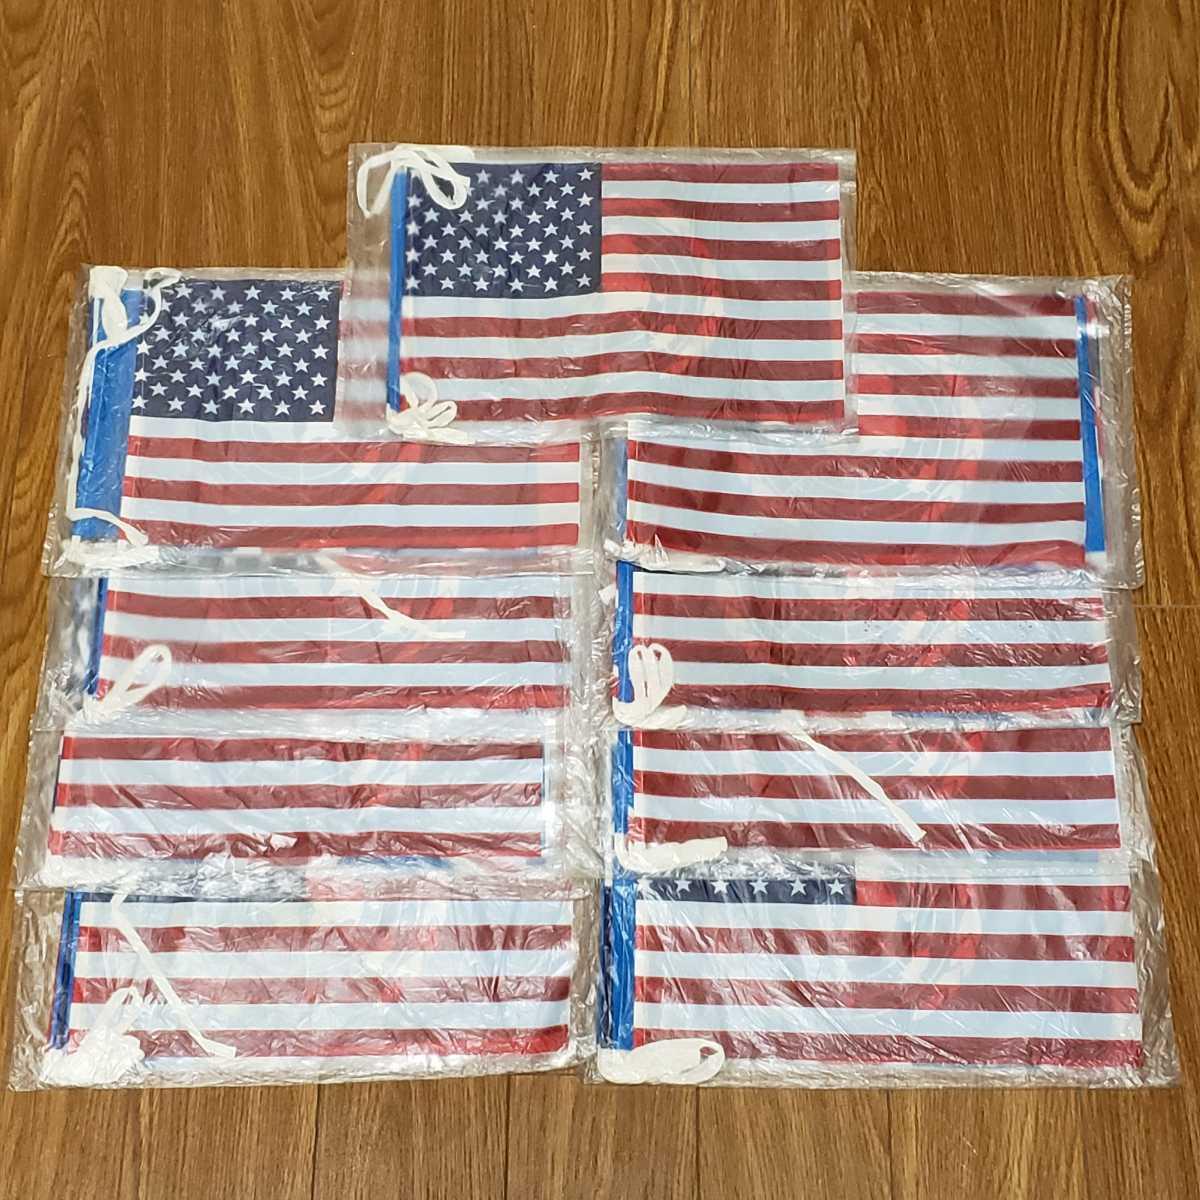 送料無料 未使用品 倉庫品 パーティー用 フラッグ 飾り付け 万国旗 7ヶ国 9個セット デコレーション _画像1